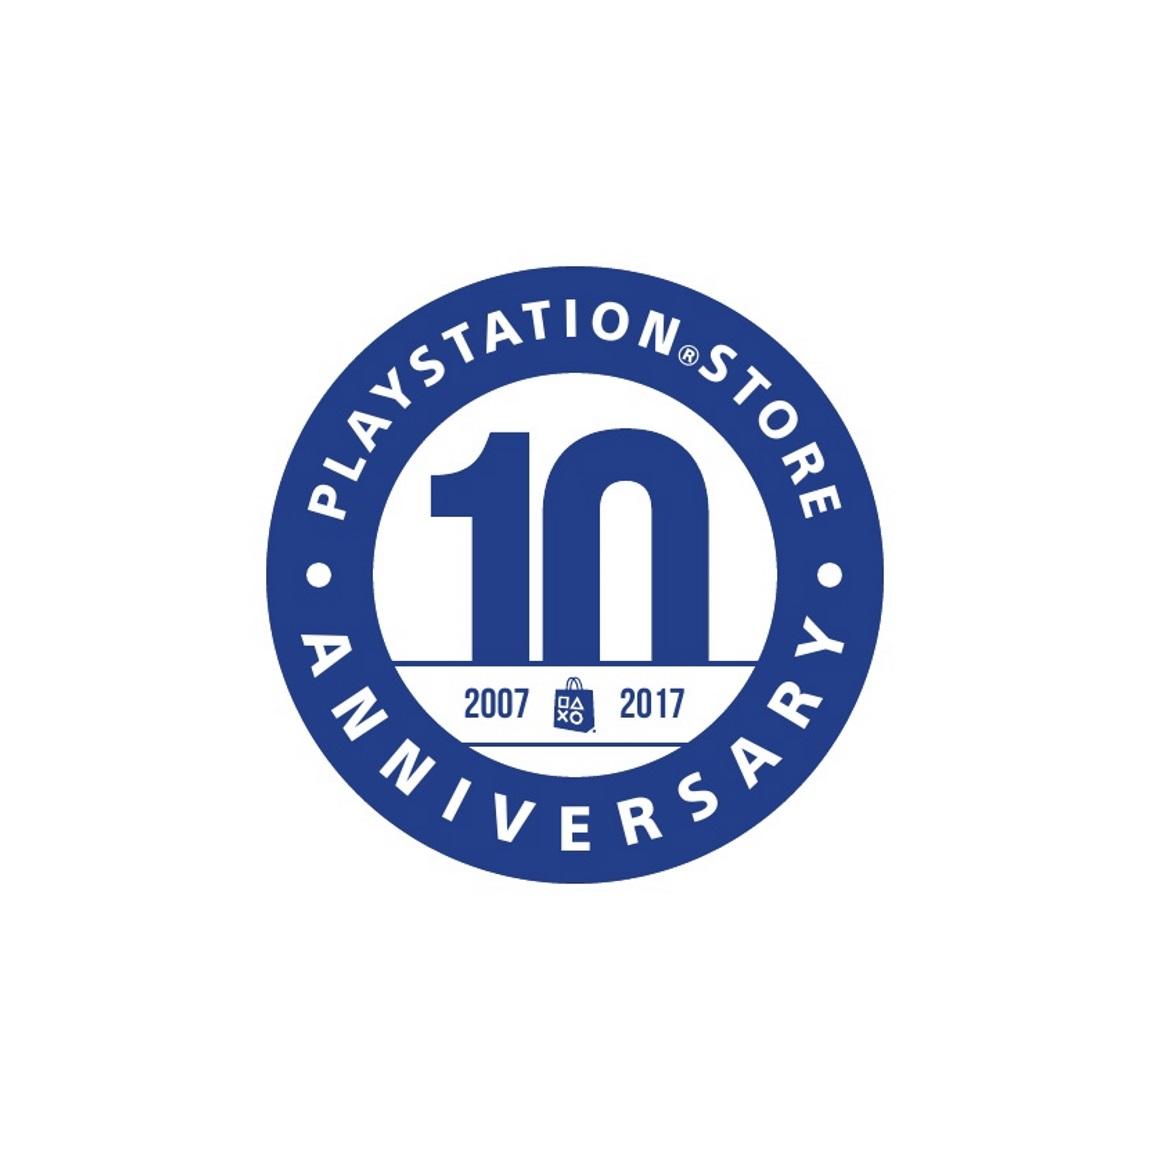 Το PlayStation® Store έγινε 10 ετών και το γιορτάζει!